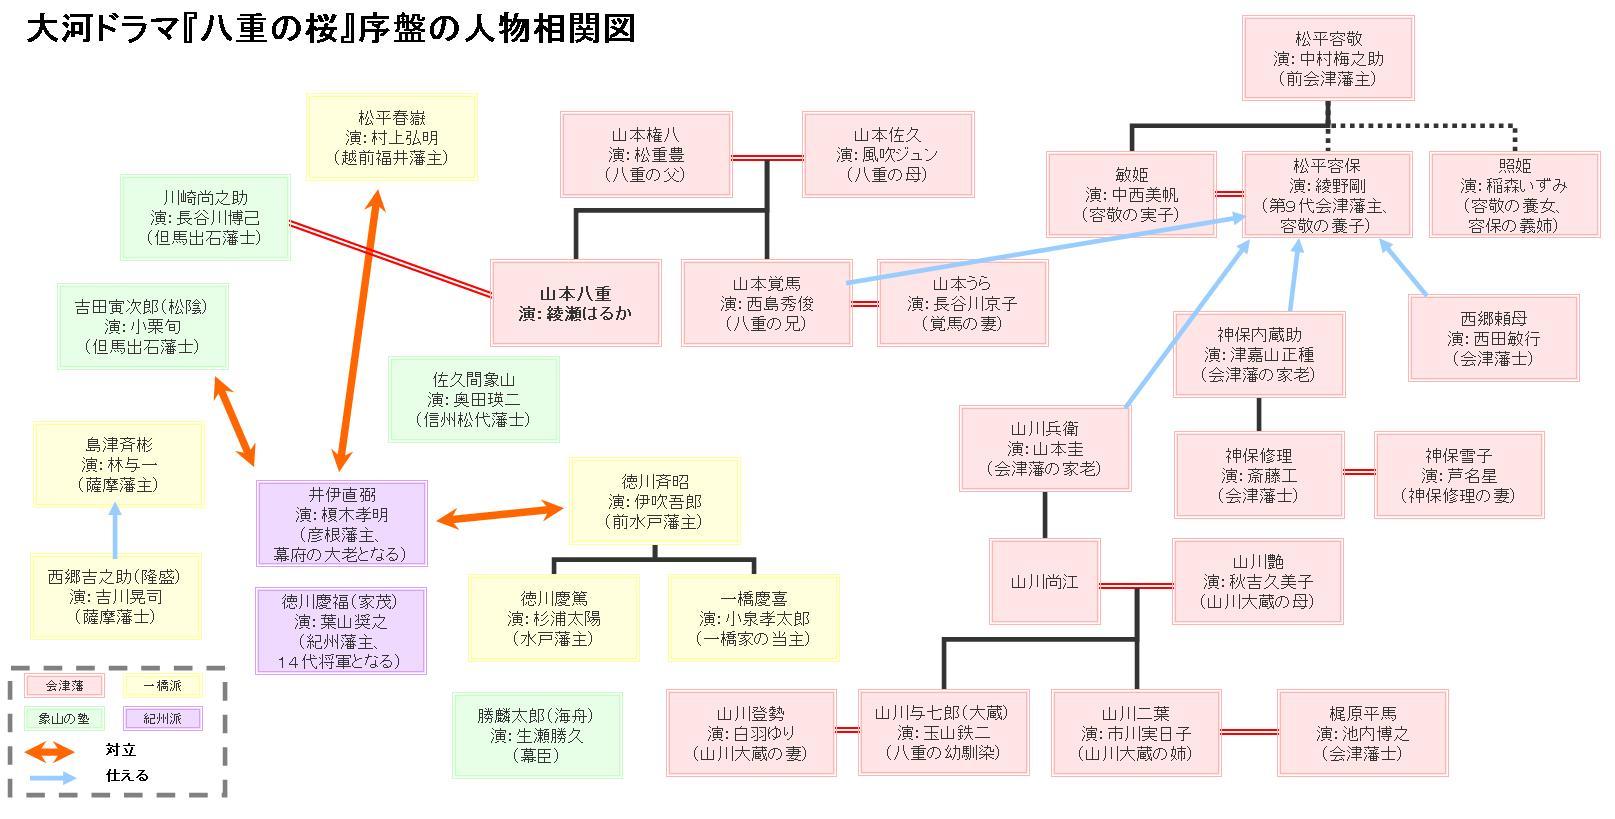 大河ドラマ『真田丸』『花燃ゆ』あらすじ&解説